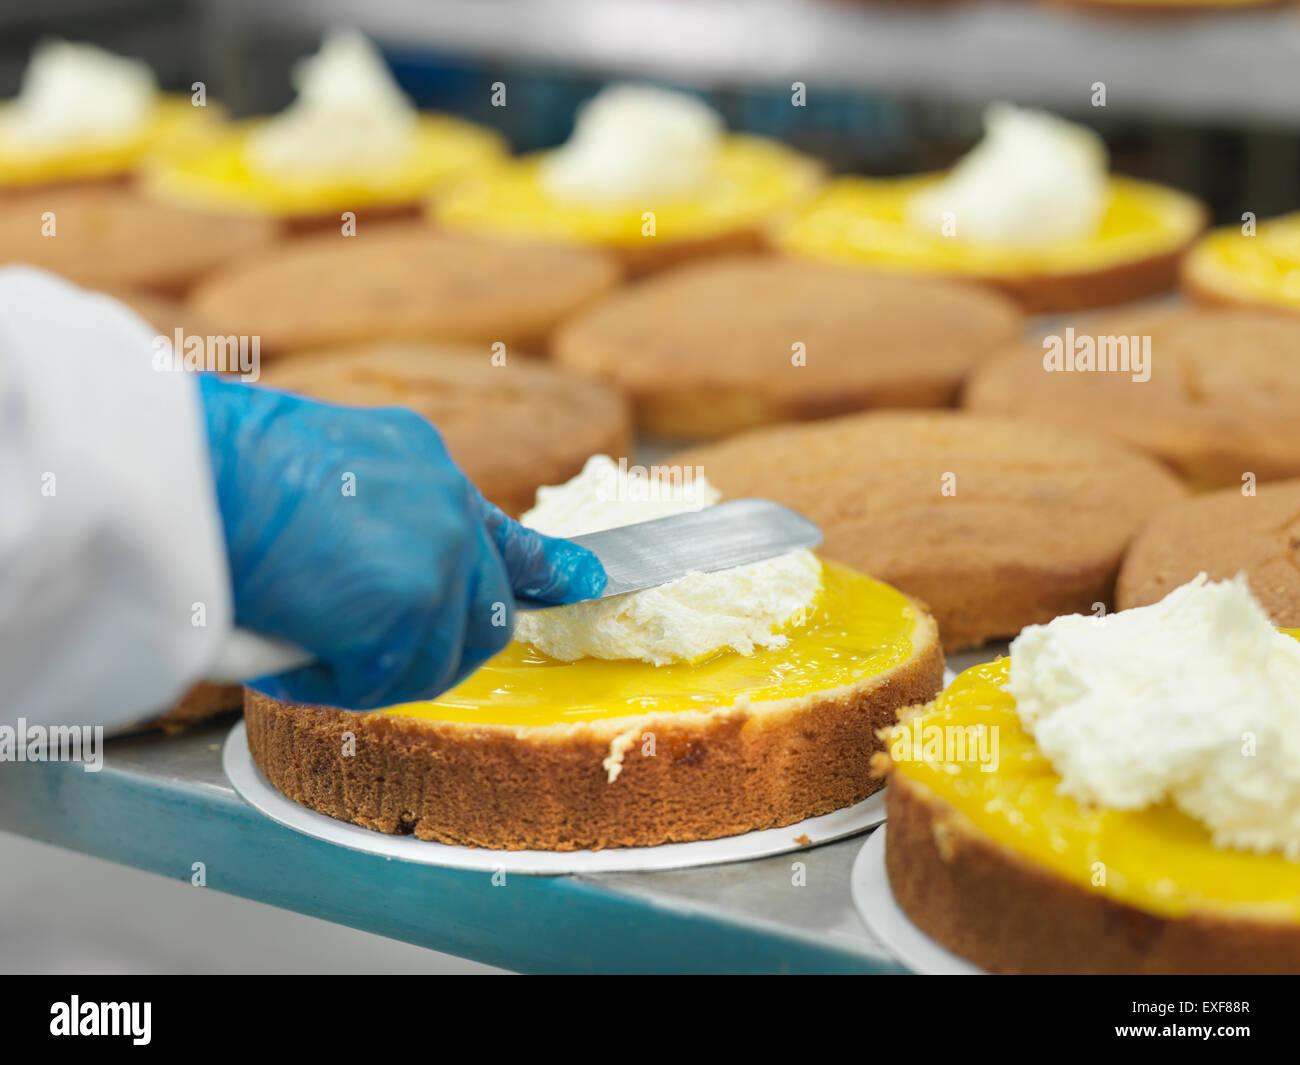 Arbeitnehmerin verbreiten Füllung auf Kuchen Kuchenfabrik, Nahaufnahme Stockbild